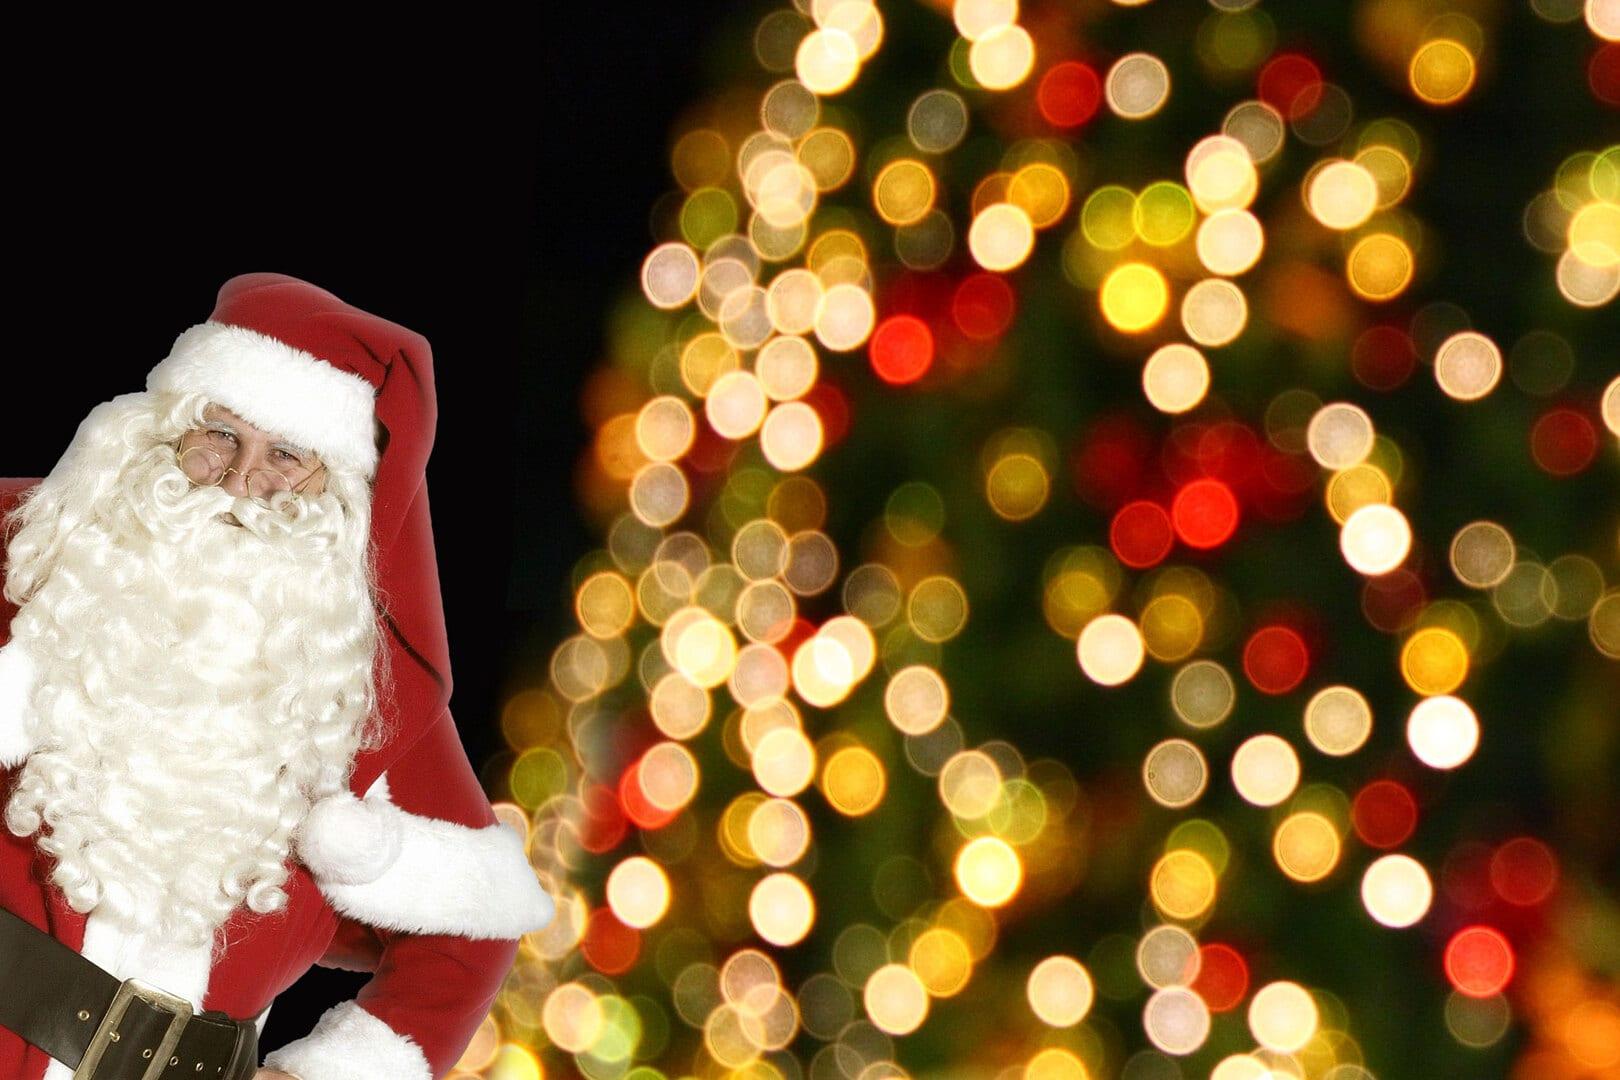 Hyggelig juletræsfest og honninghjerter i Sct. Jørgens Park